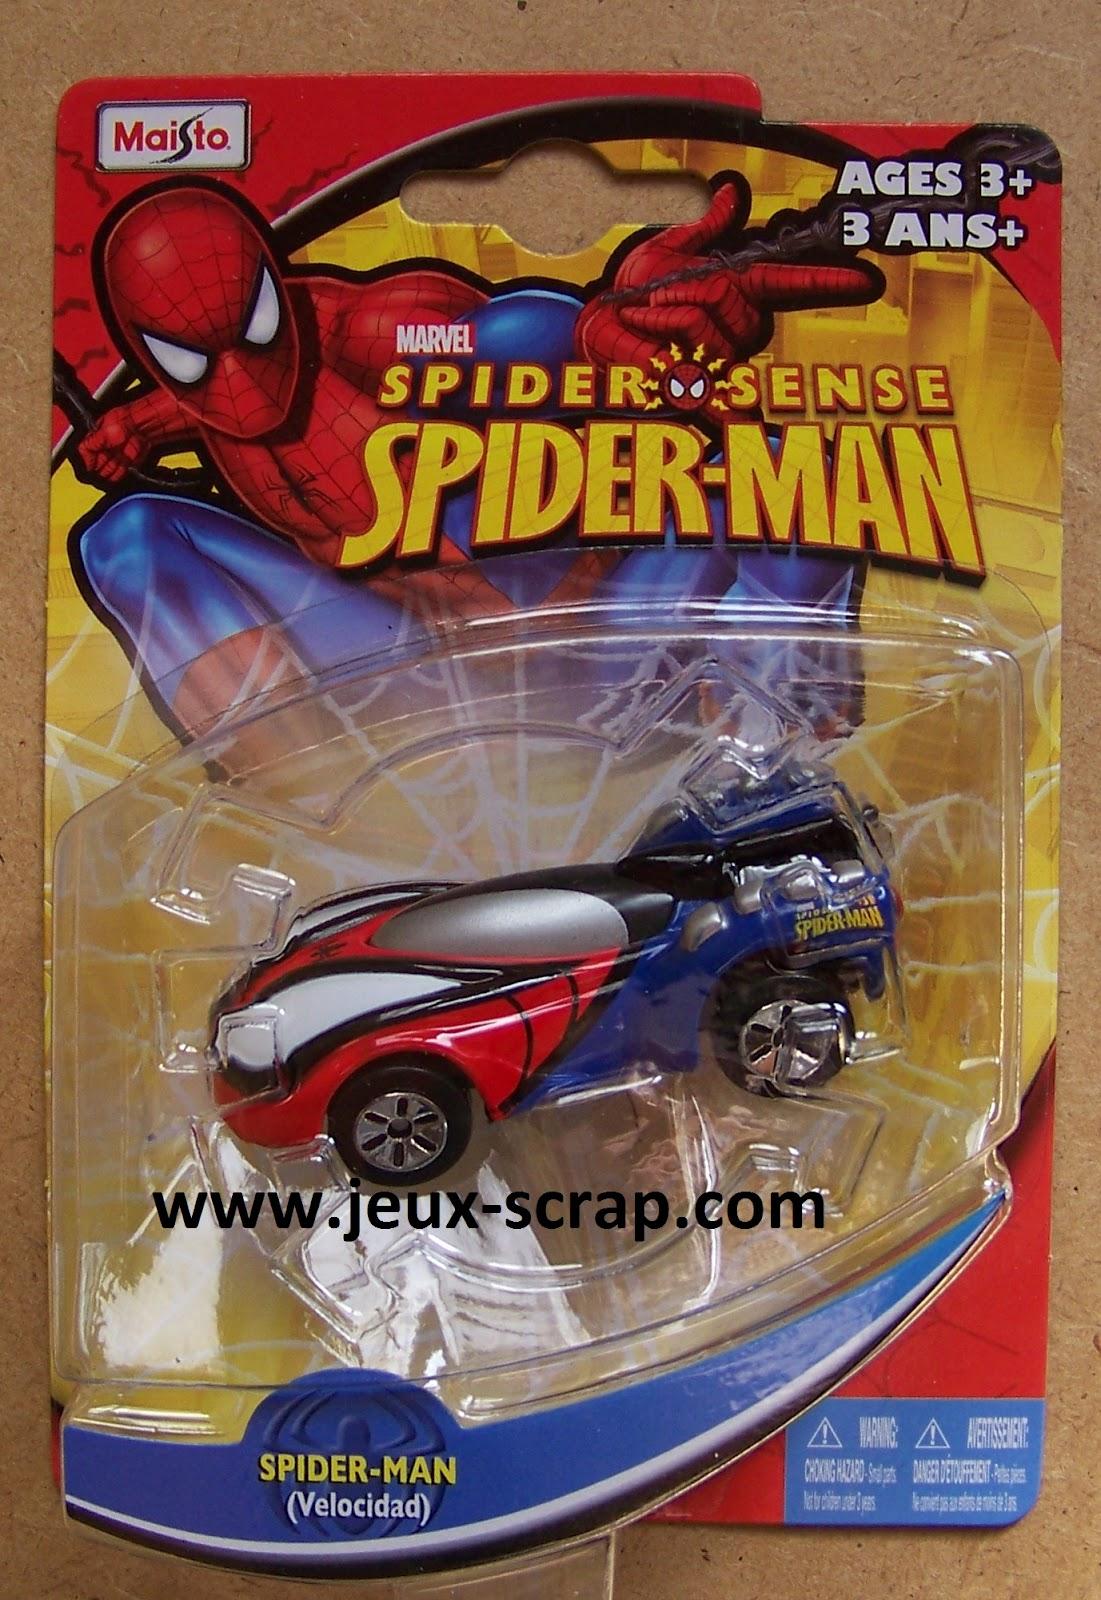 Blog boutique jouets jeux scrap voiture spiderman - Jeux de spiderman voiture ...